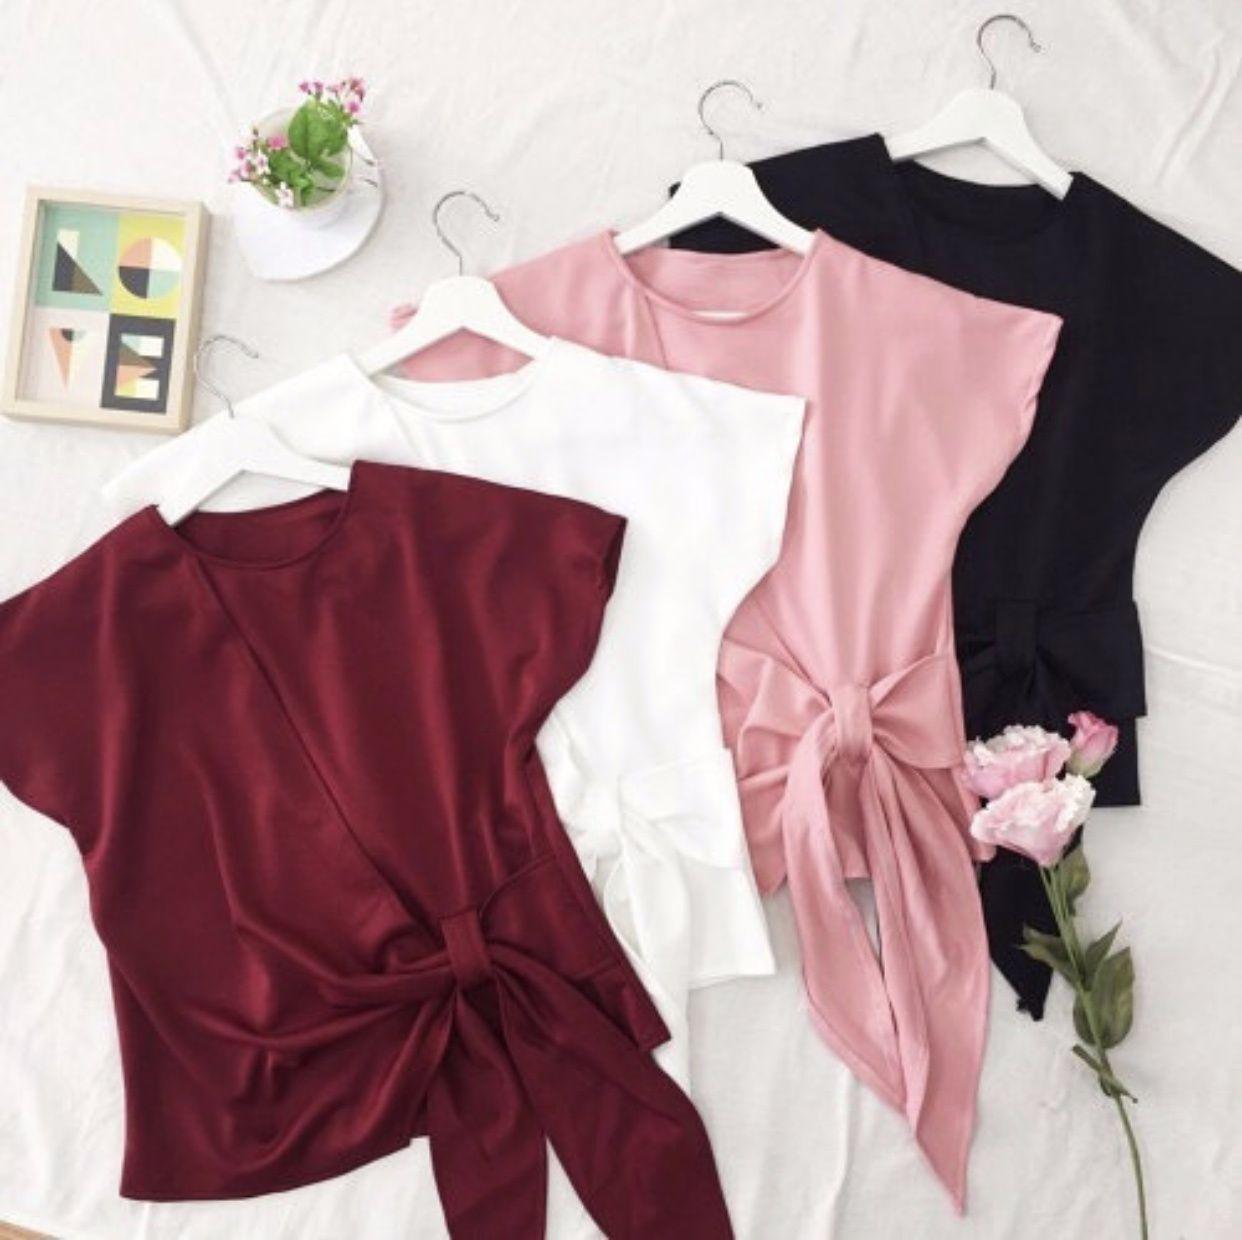 Newone Shop - Karen Top - Baju Wanita Terbaru - Kimono Wanita Terbaru -  Fashion Wanita 9f35a2b61c